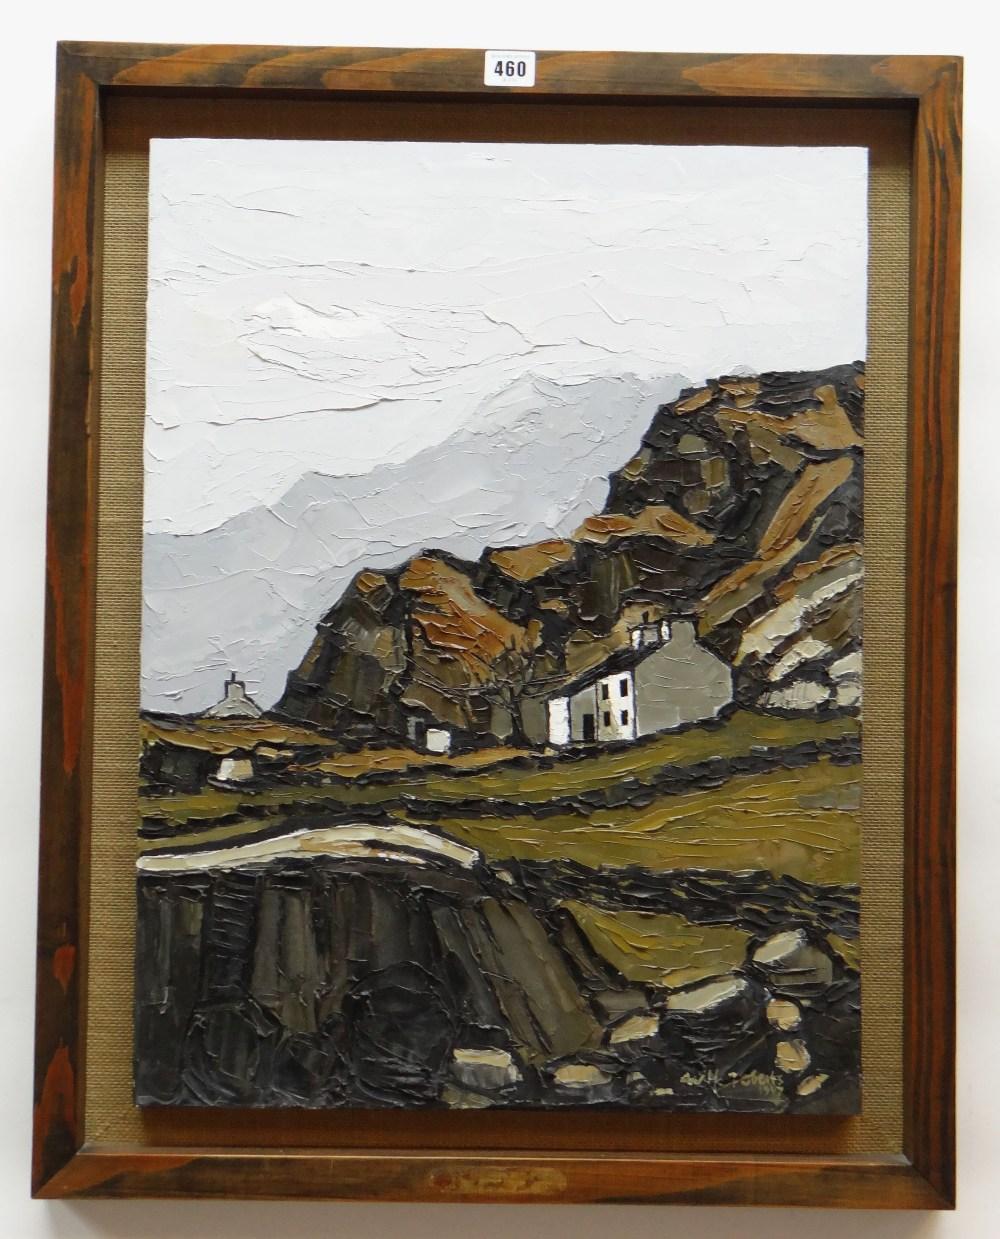 WILF ROBERTS oil on board - titled on plaque mounted to frame 'Hafod Tan Graig A'r Wyddfa yn Nyferyn - Image 2 of 2